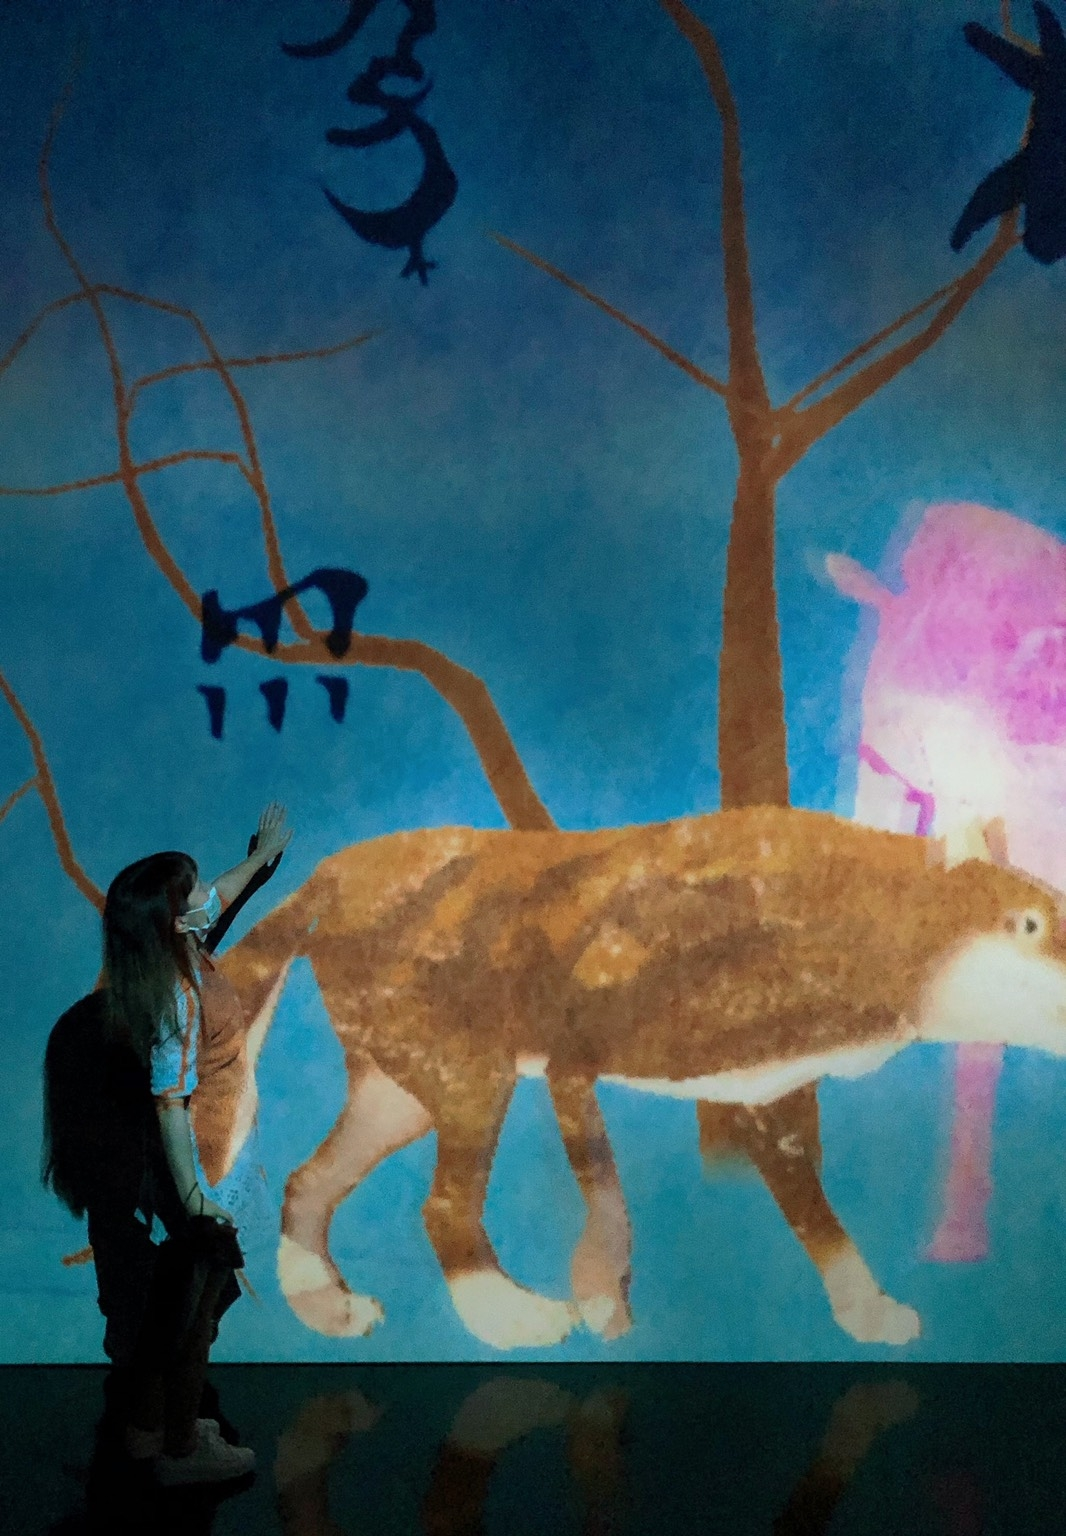 一秒出國,「teamLab未來遊樂園&與花共生的動物們」展覽,不只超多亮點,限定OPI經典指彩禮盒超夢幻